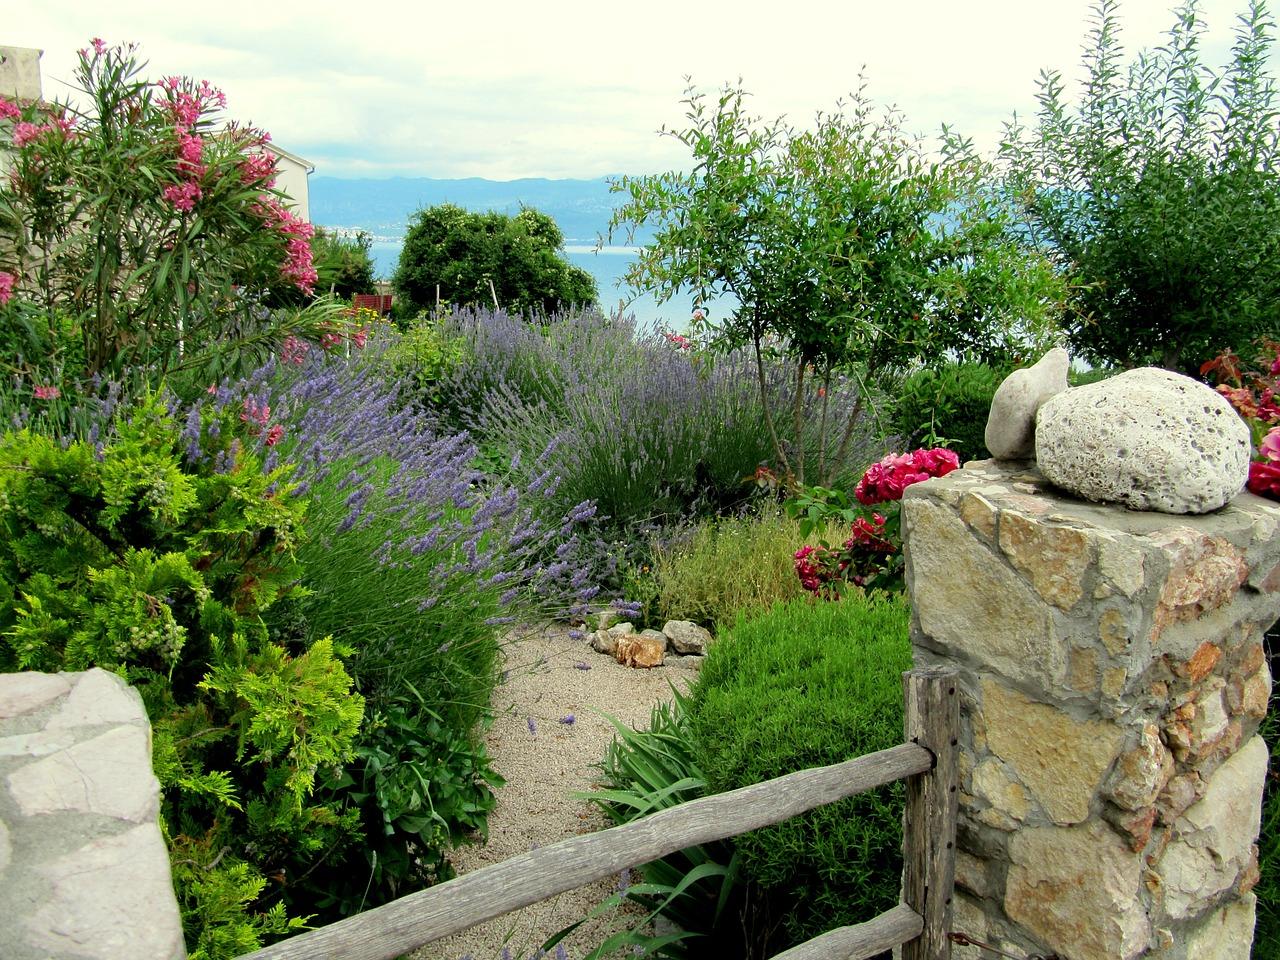 El jardín mediterráneo es ideal para zonas con clima cálido y seco